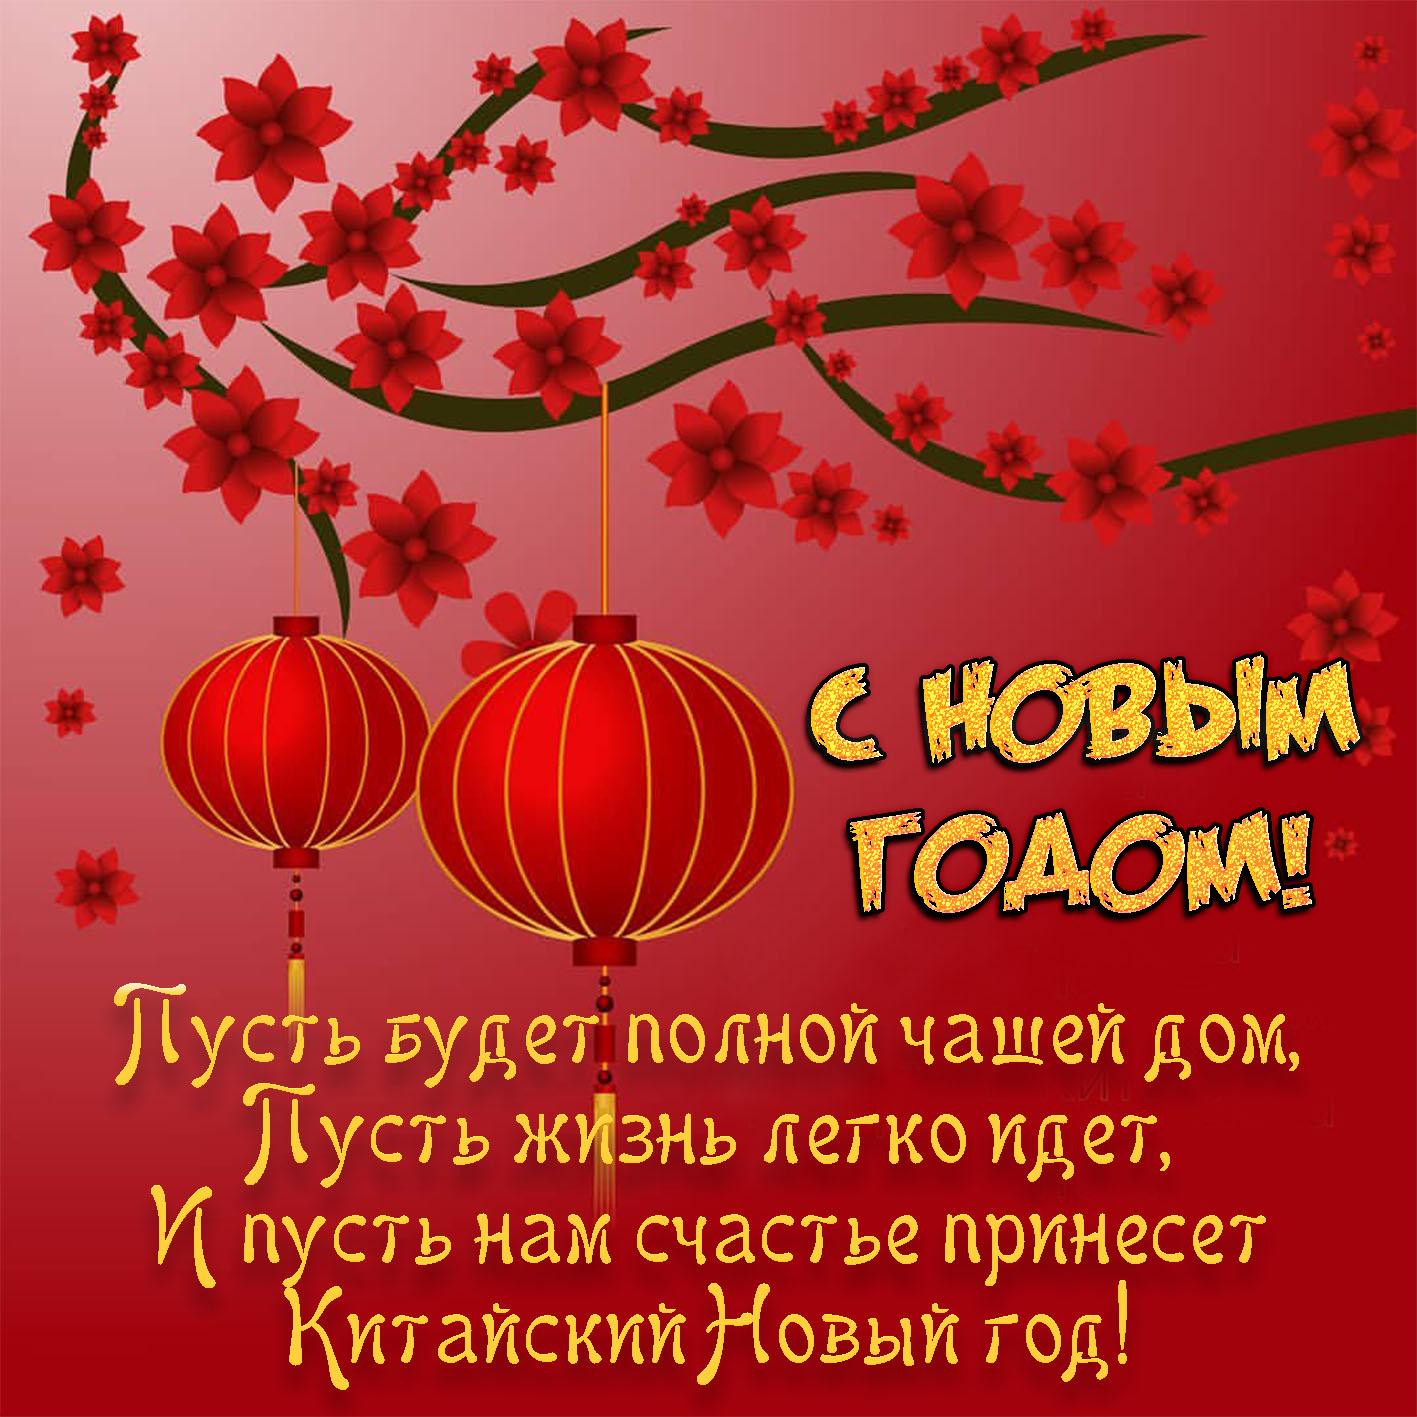 Дню победы, открытка на китайском языке поздравление с новым годом